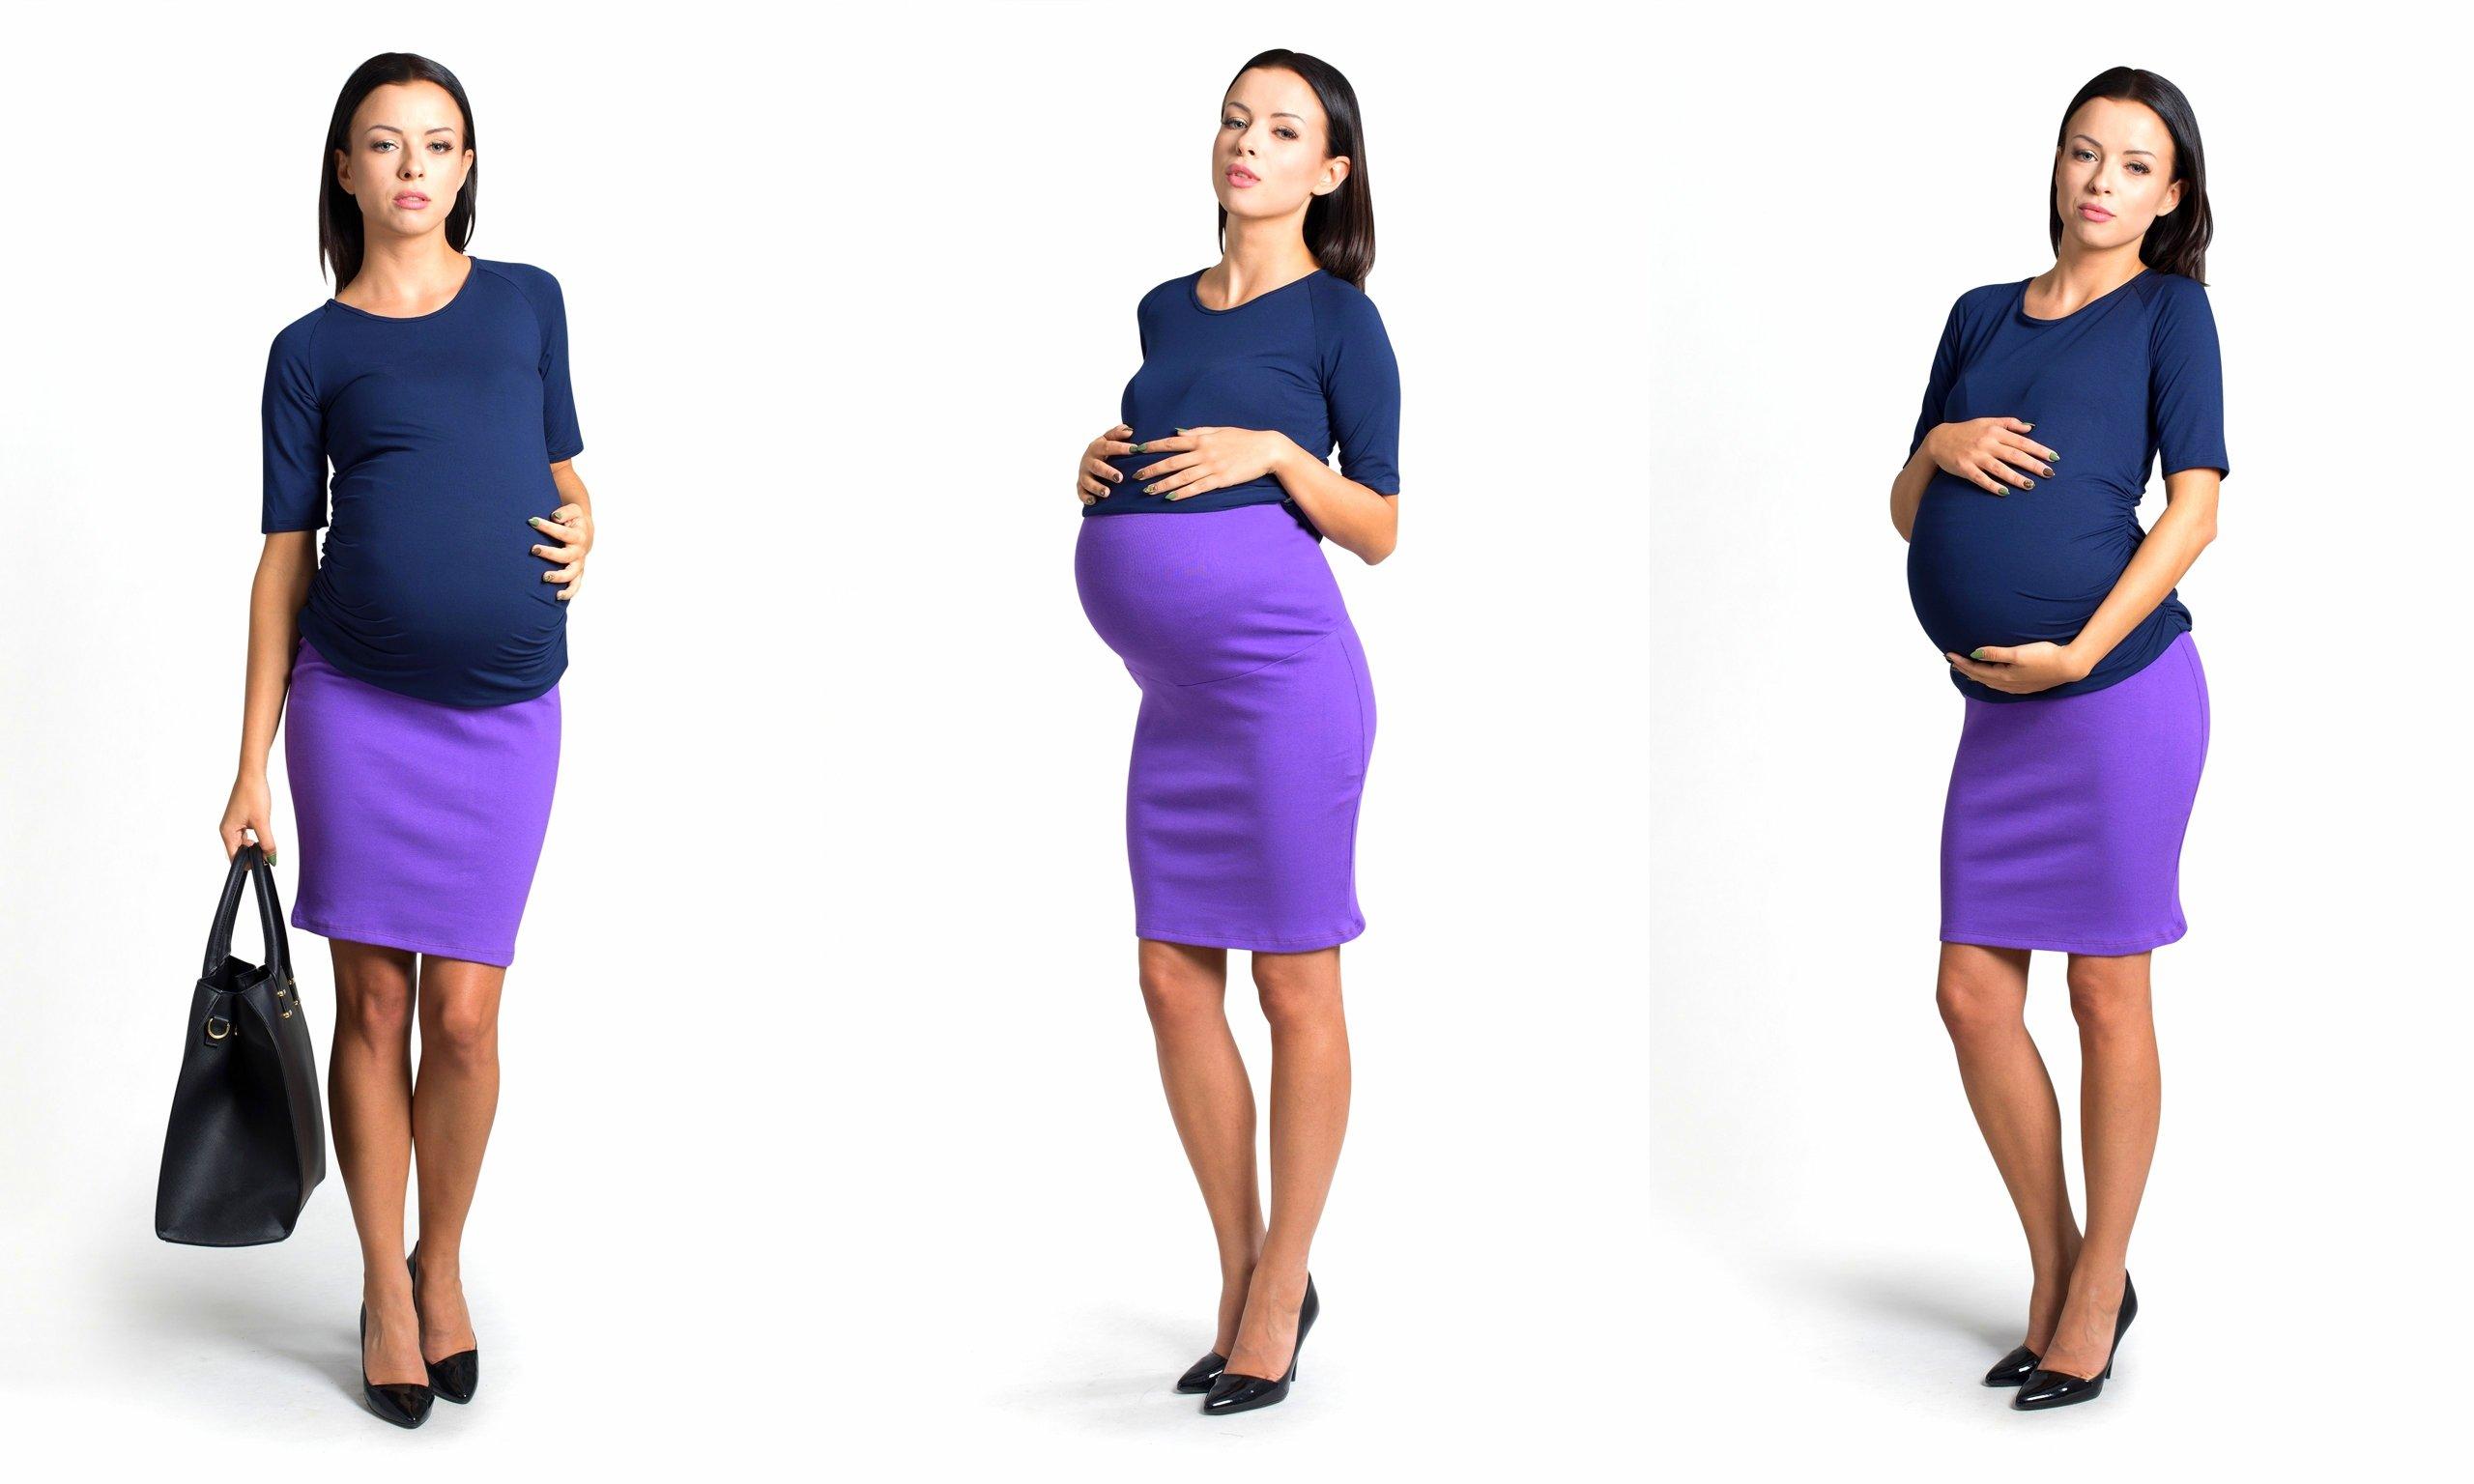 платья и юбки в пол для беременных, модные тенденции 2019 фото 8